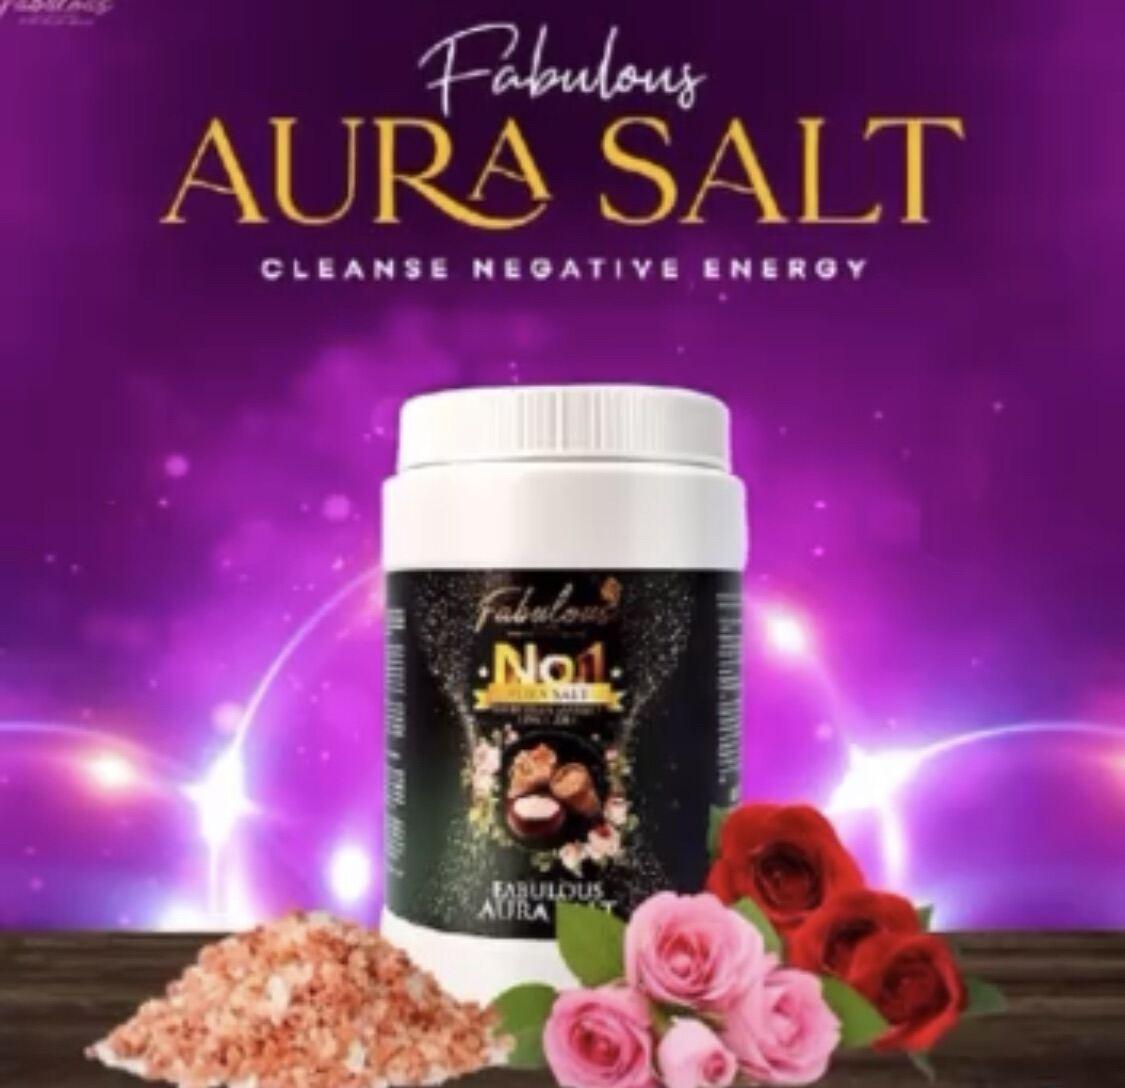 Fabulous Aura Salt (Himalayan Salt)